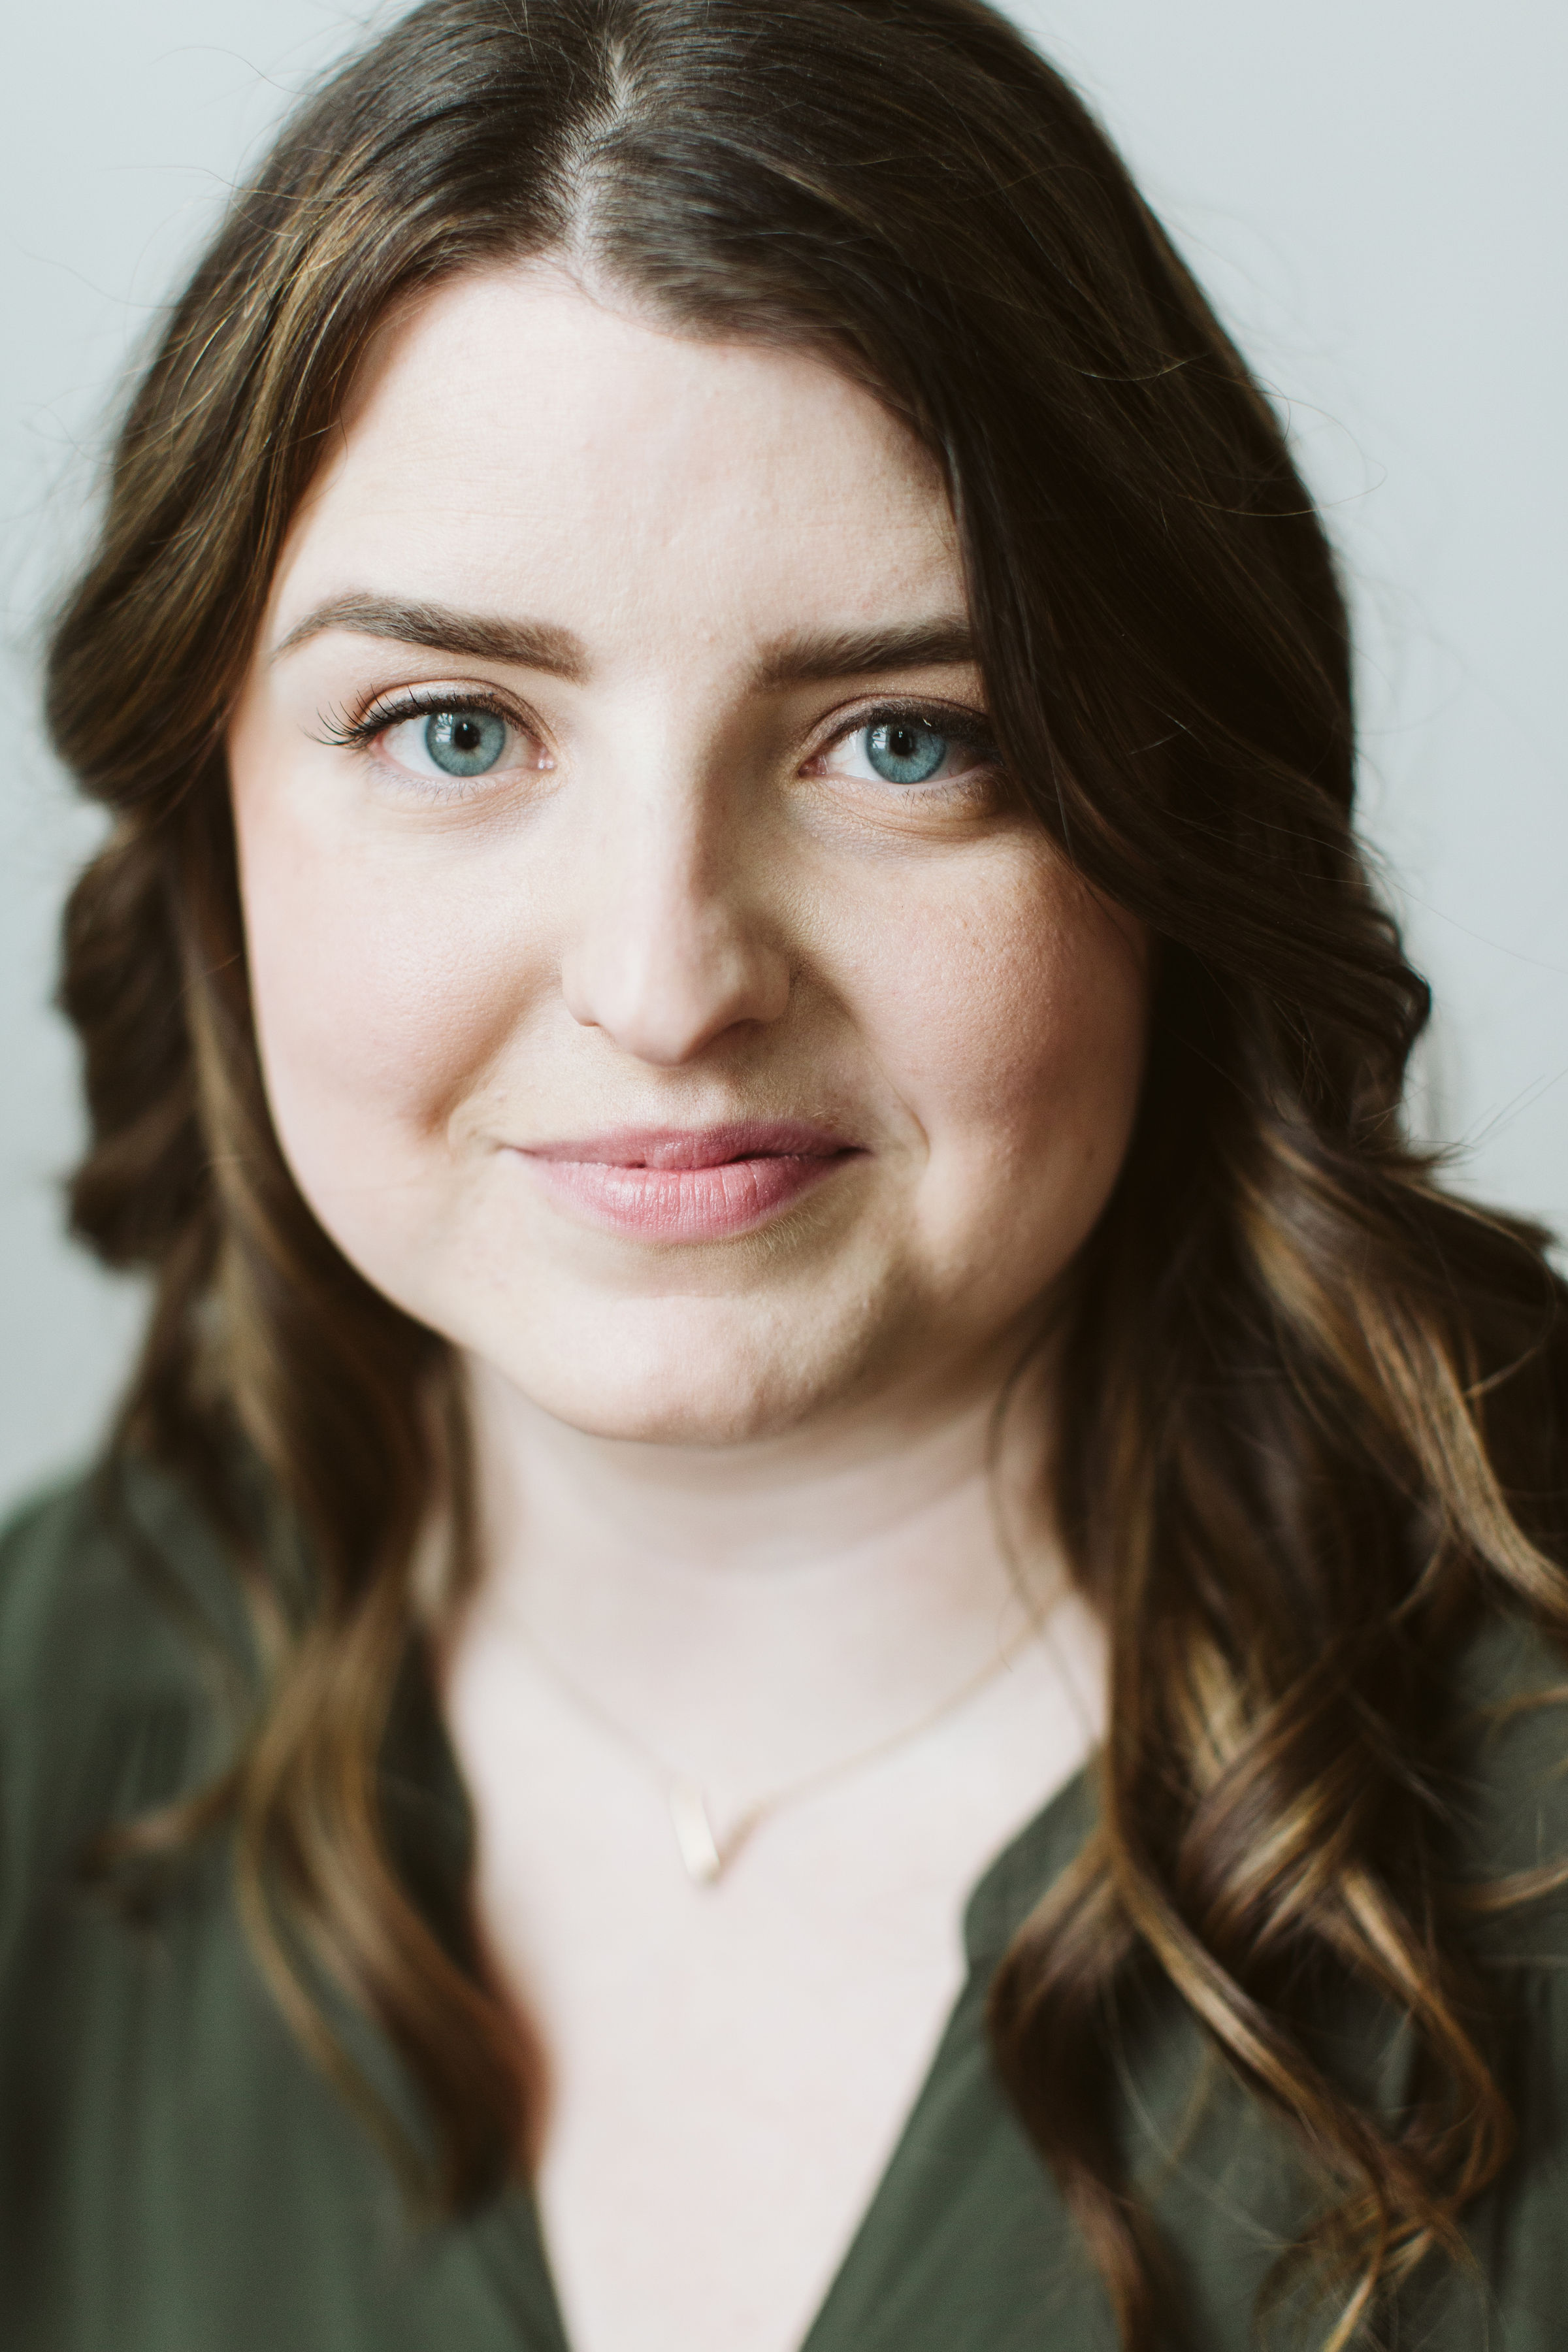 Image:  True Grace Creative  | Hair:  Megan Jarabe  | Make-Up:  Carly Palmer